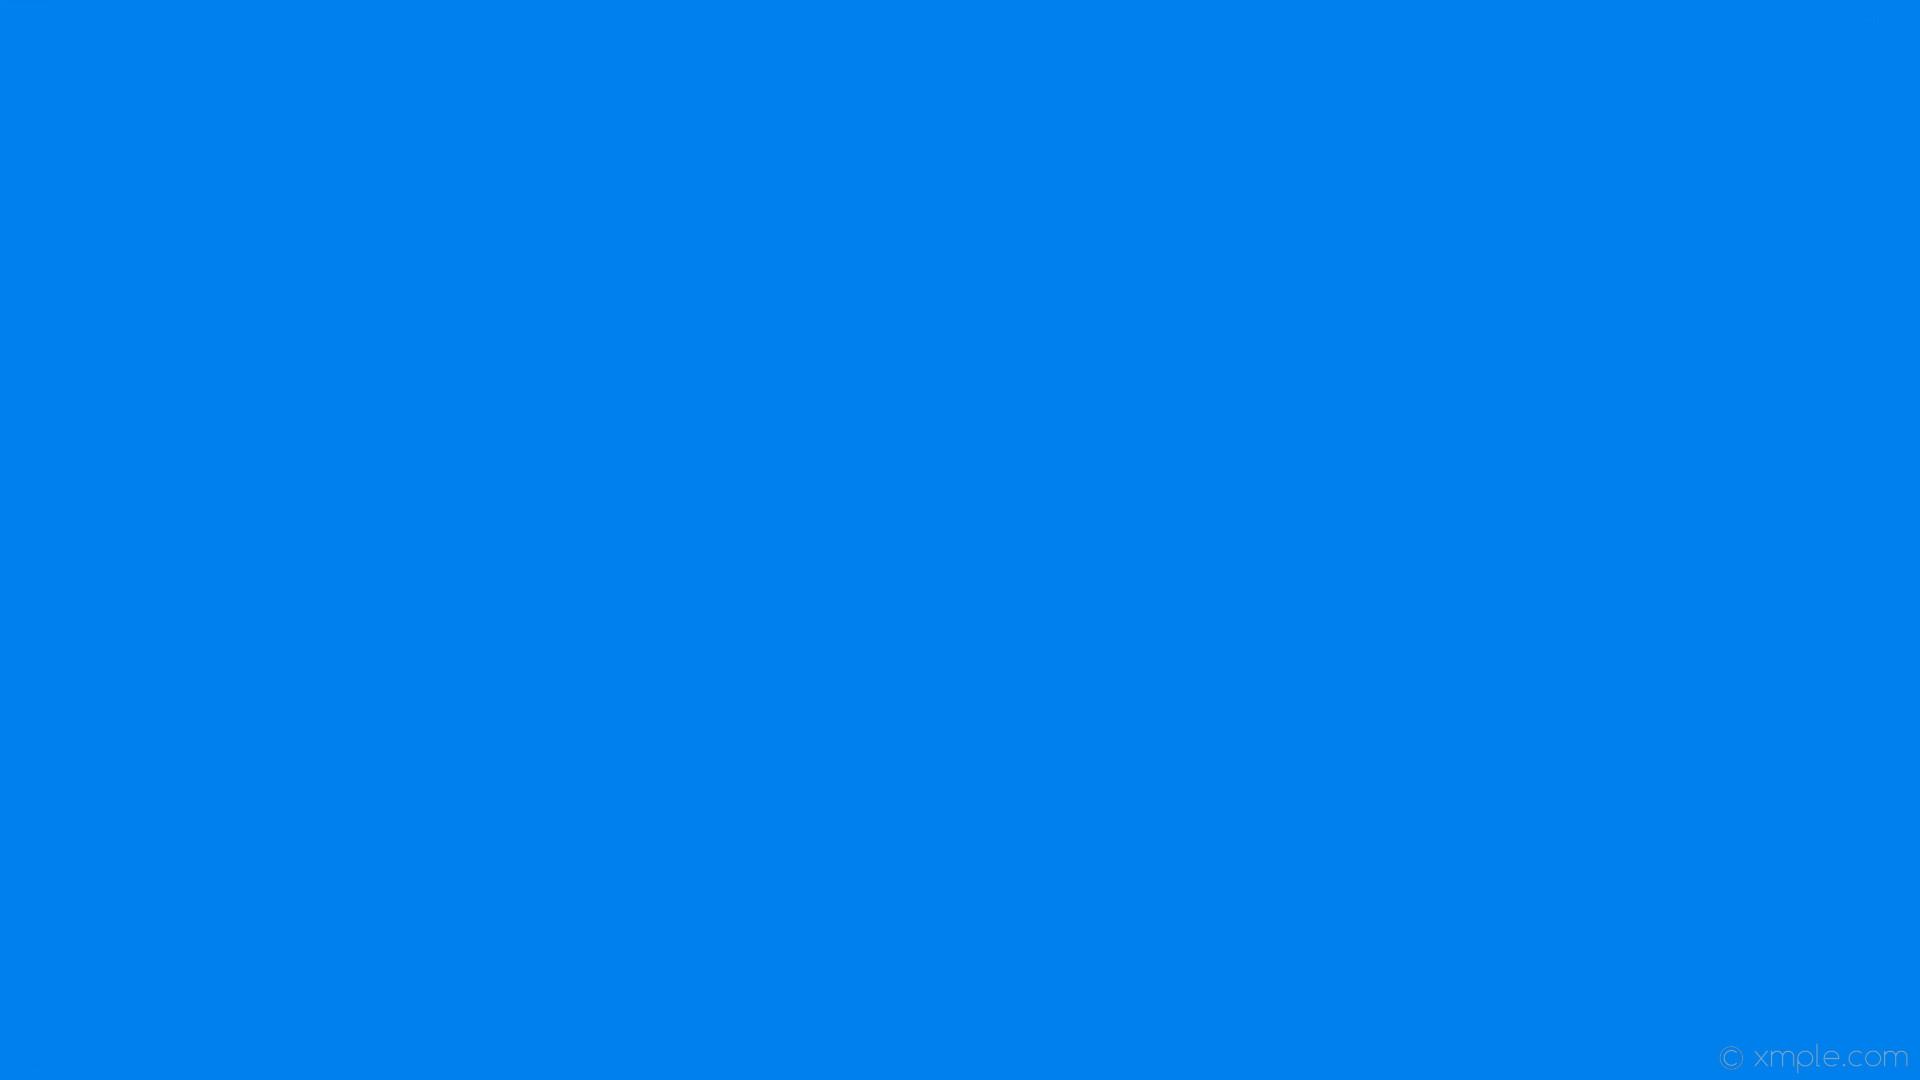 wallpaper one colour azure solid color single plain #0080ec